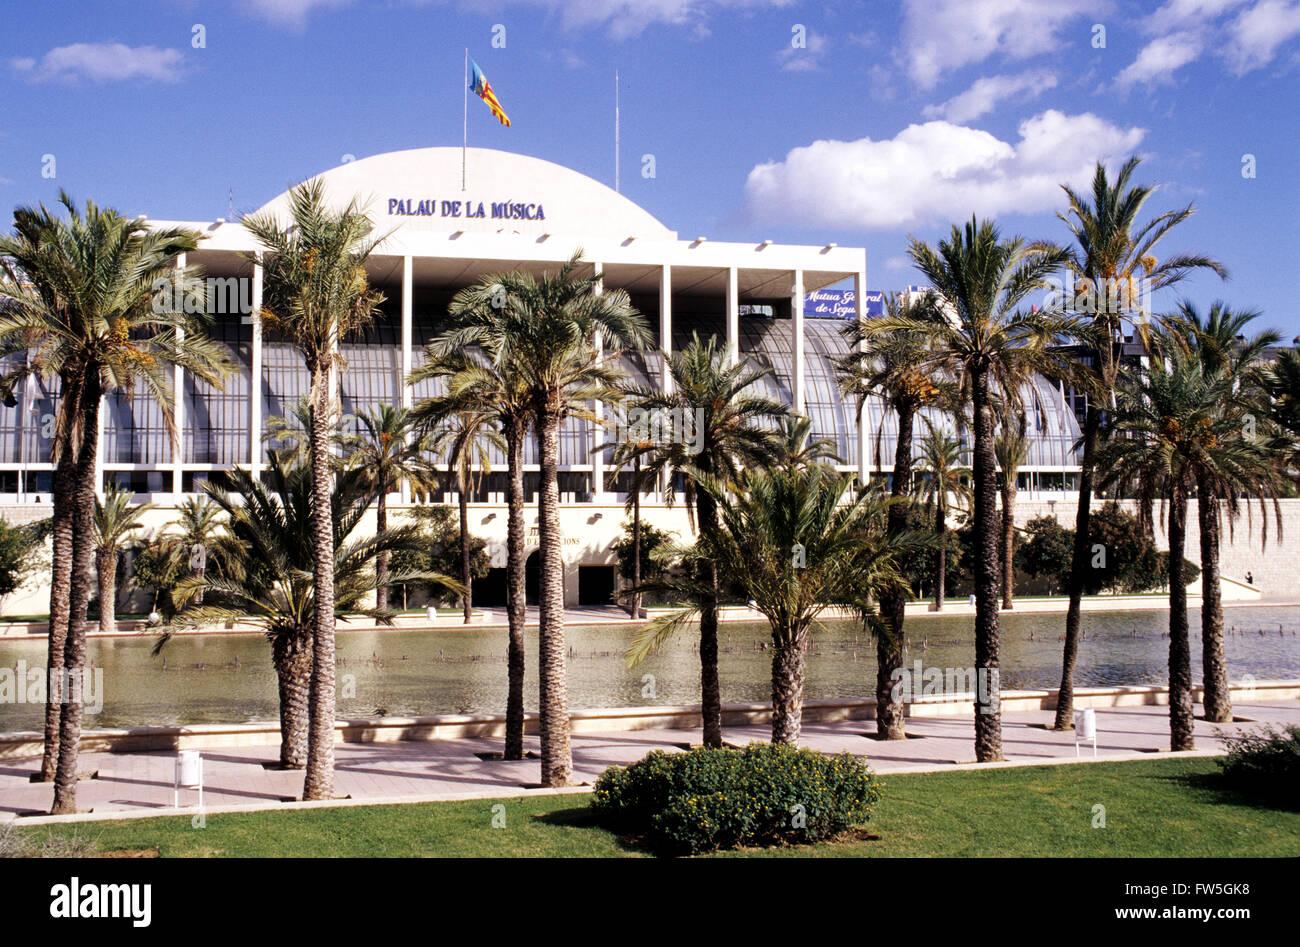 Palau de la música. Exterior con palmeras. Valencia, España Imagen De Stock